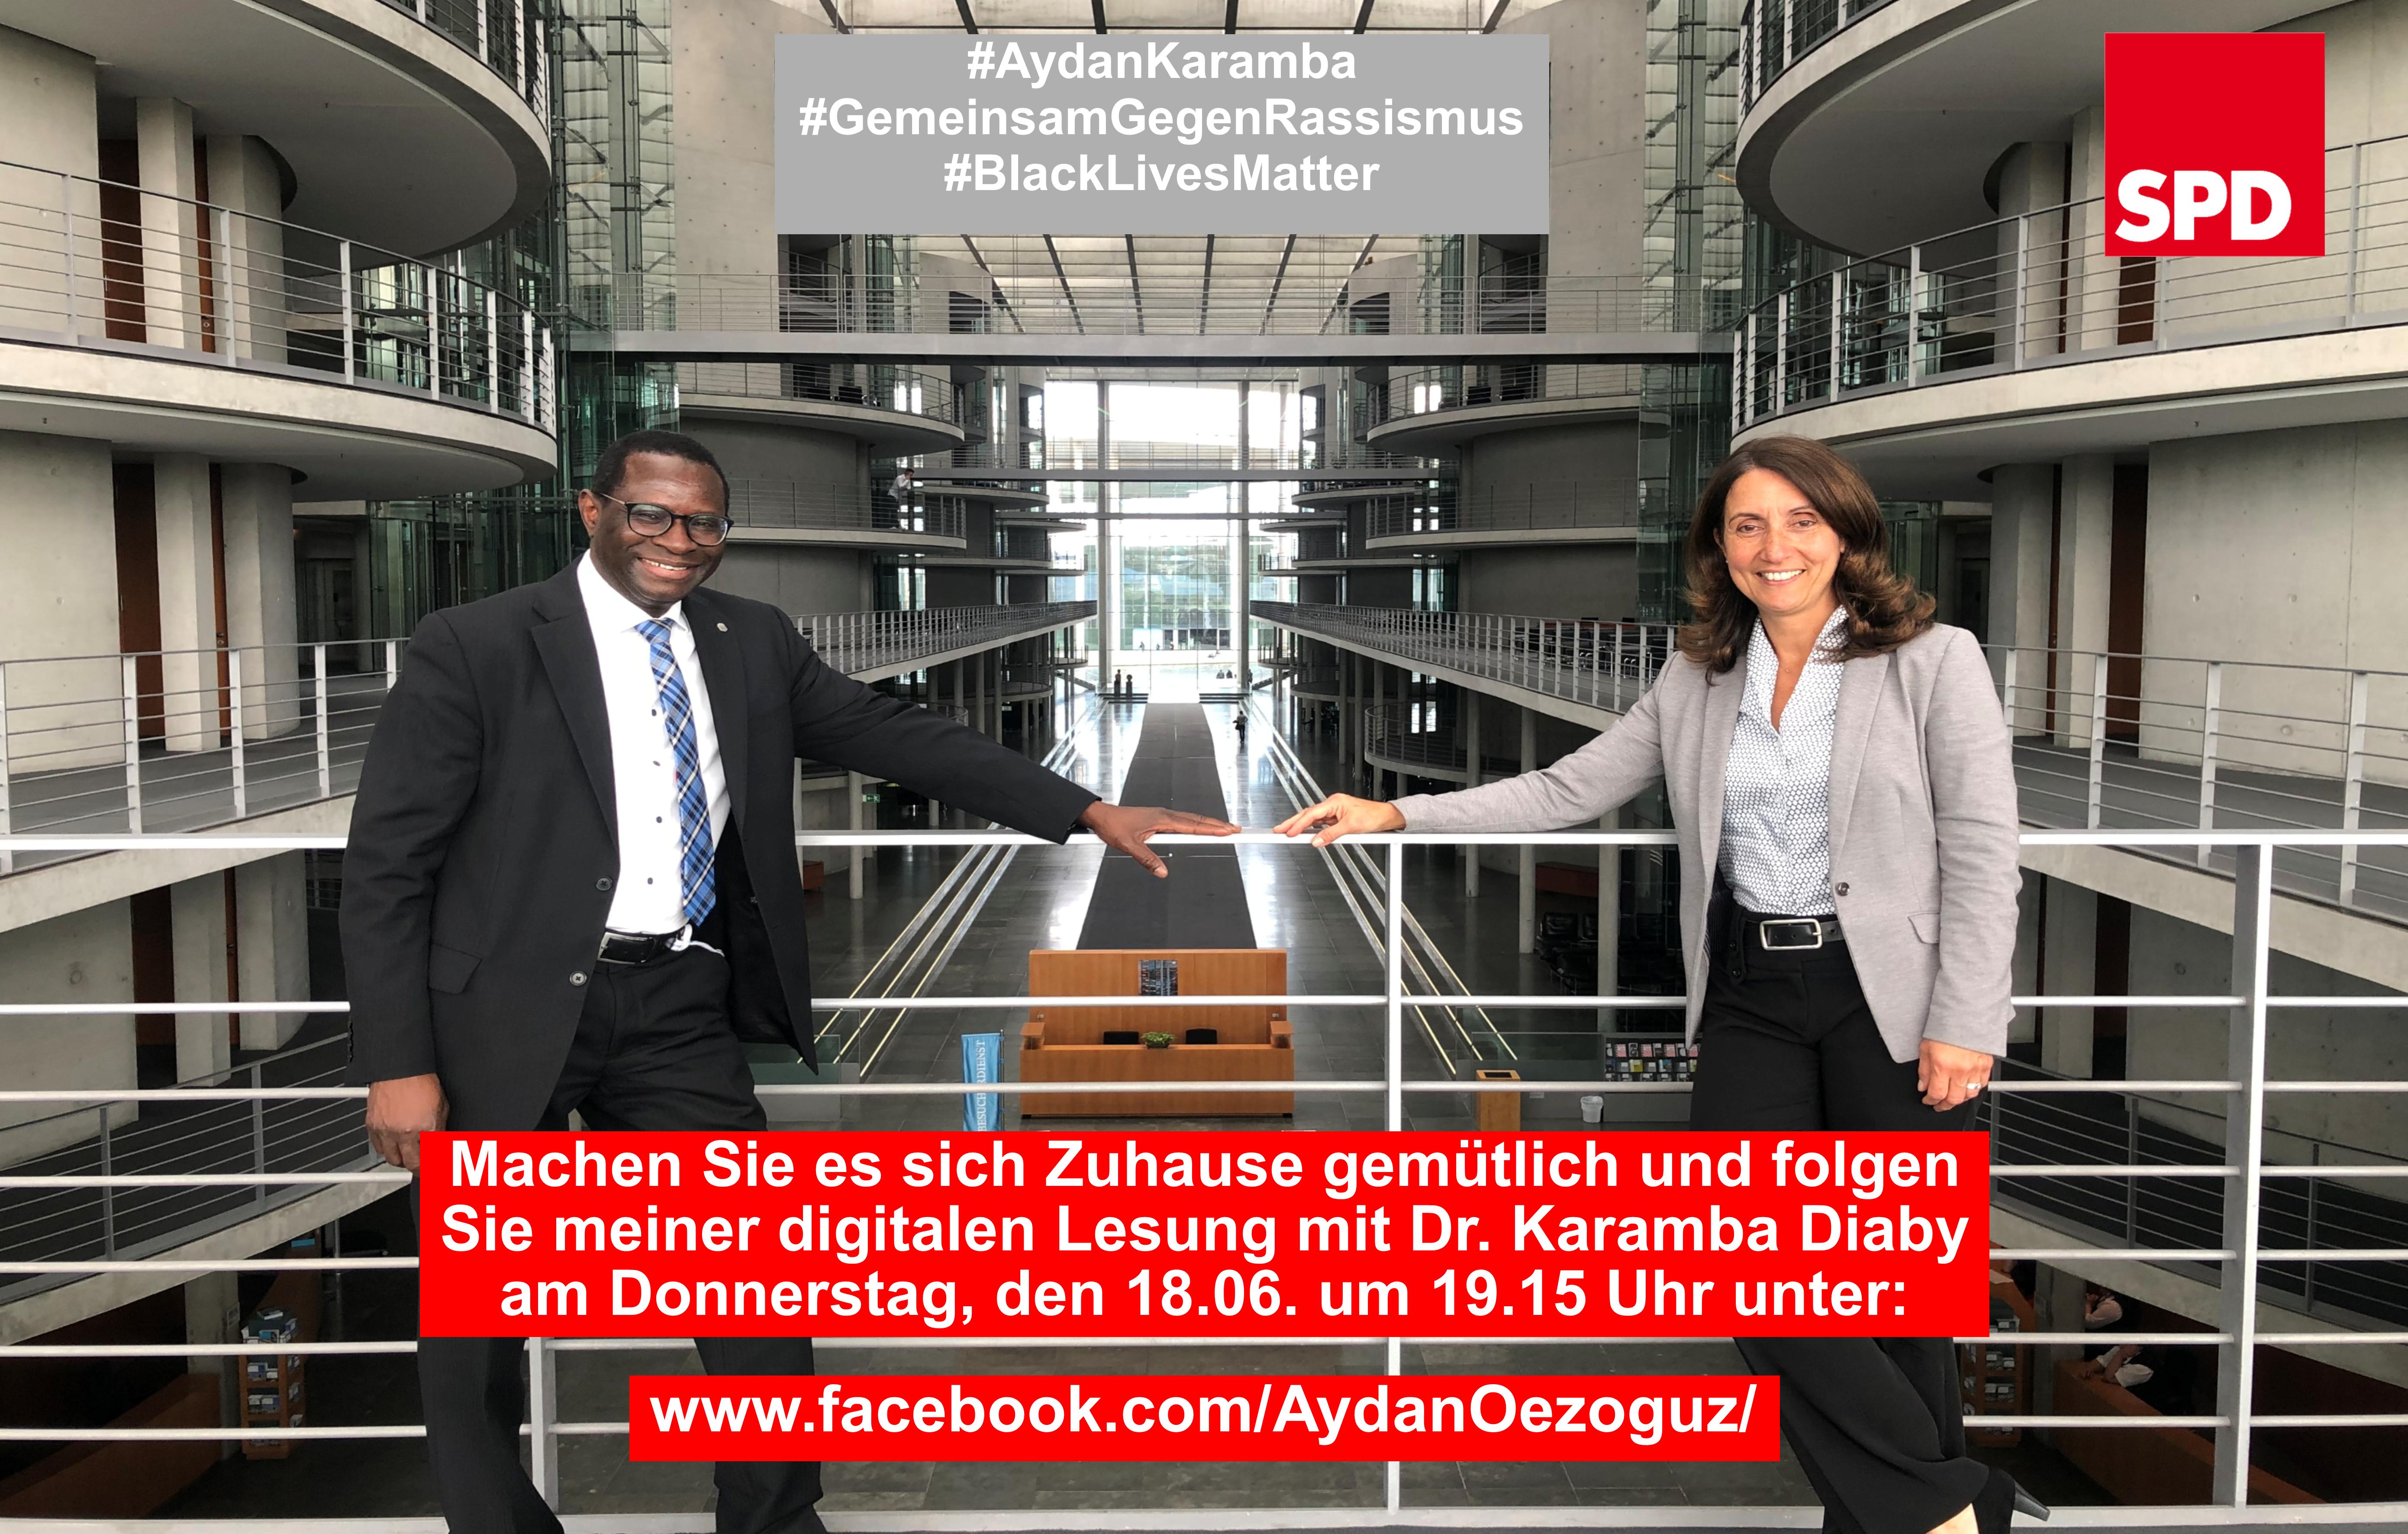 Heute digitale Lesung mit Dr. Karamba Diaby auf meinem Facebook-Kanal